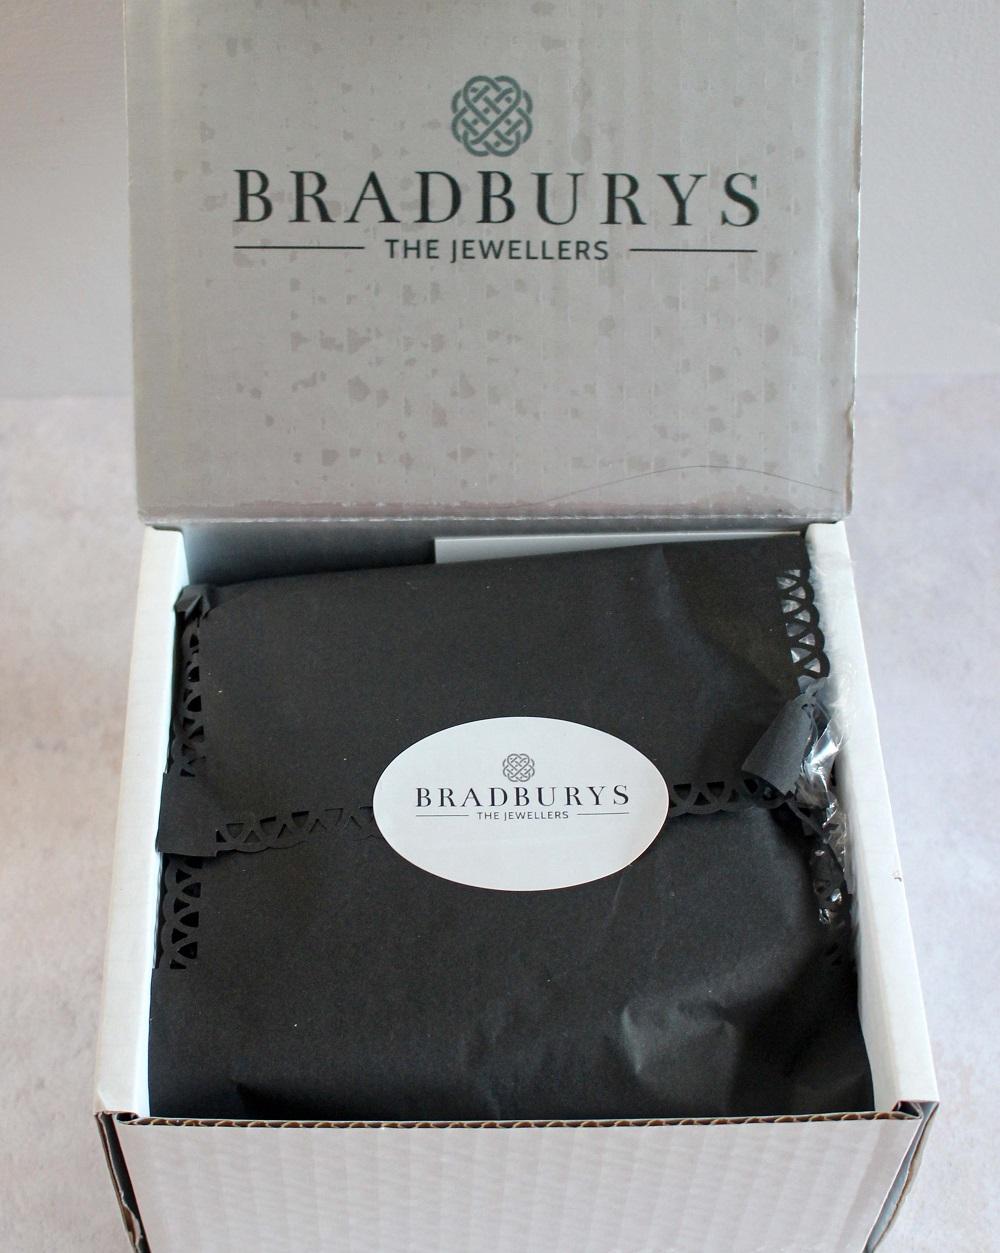 Bradbury's Packaging